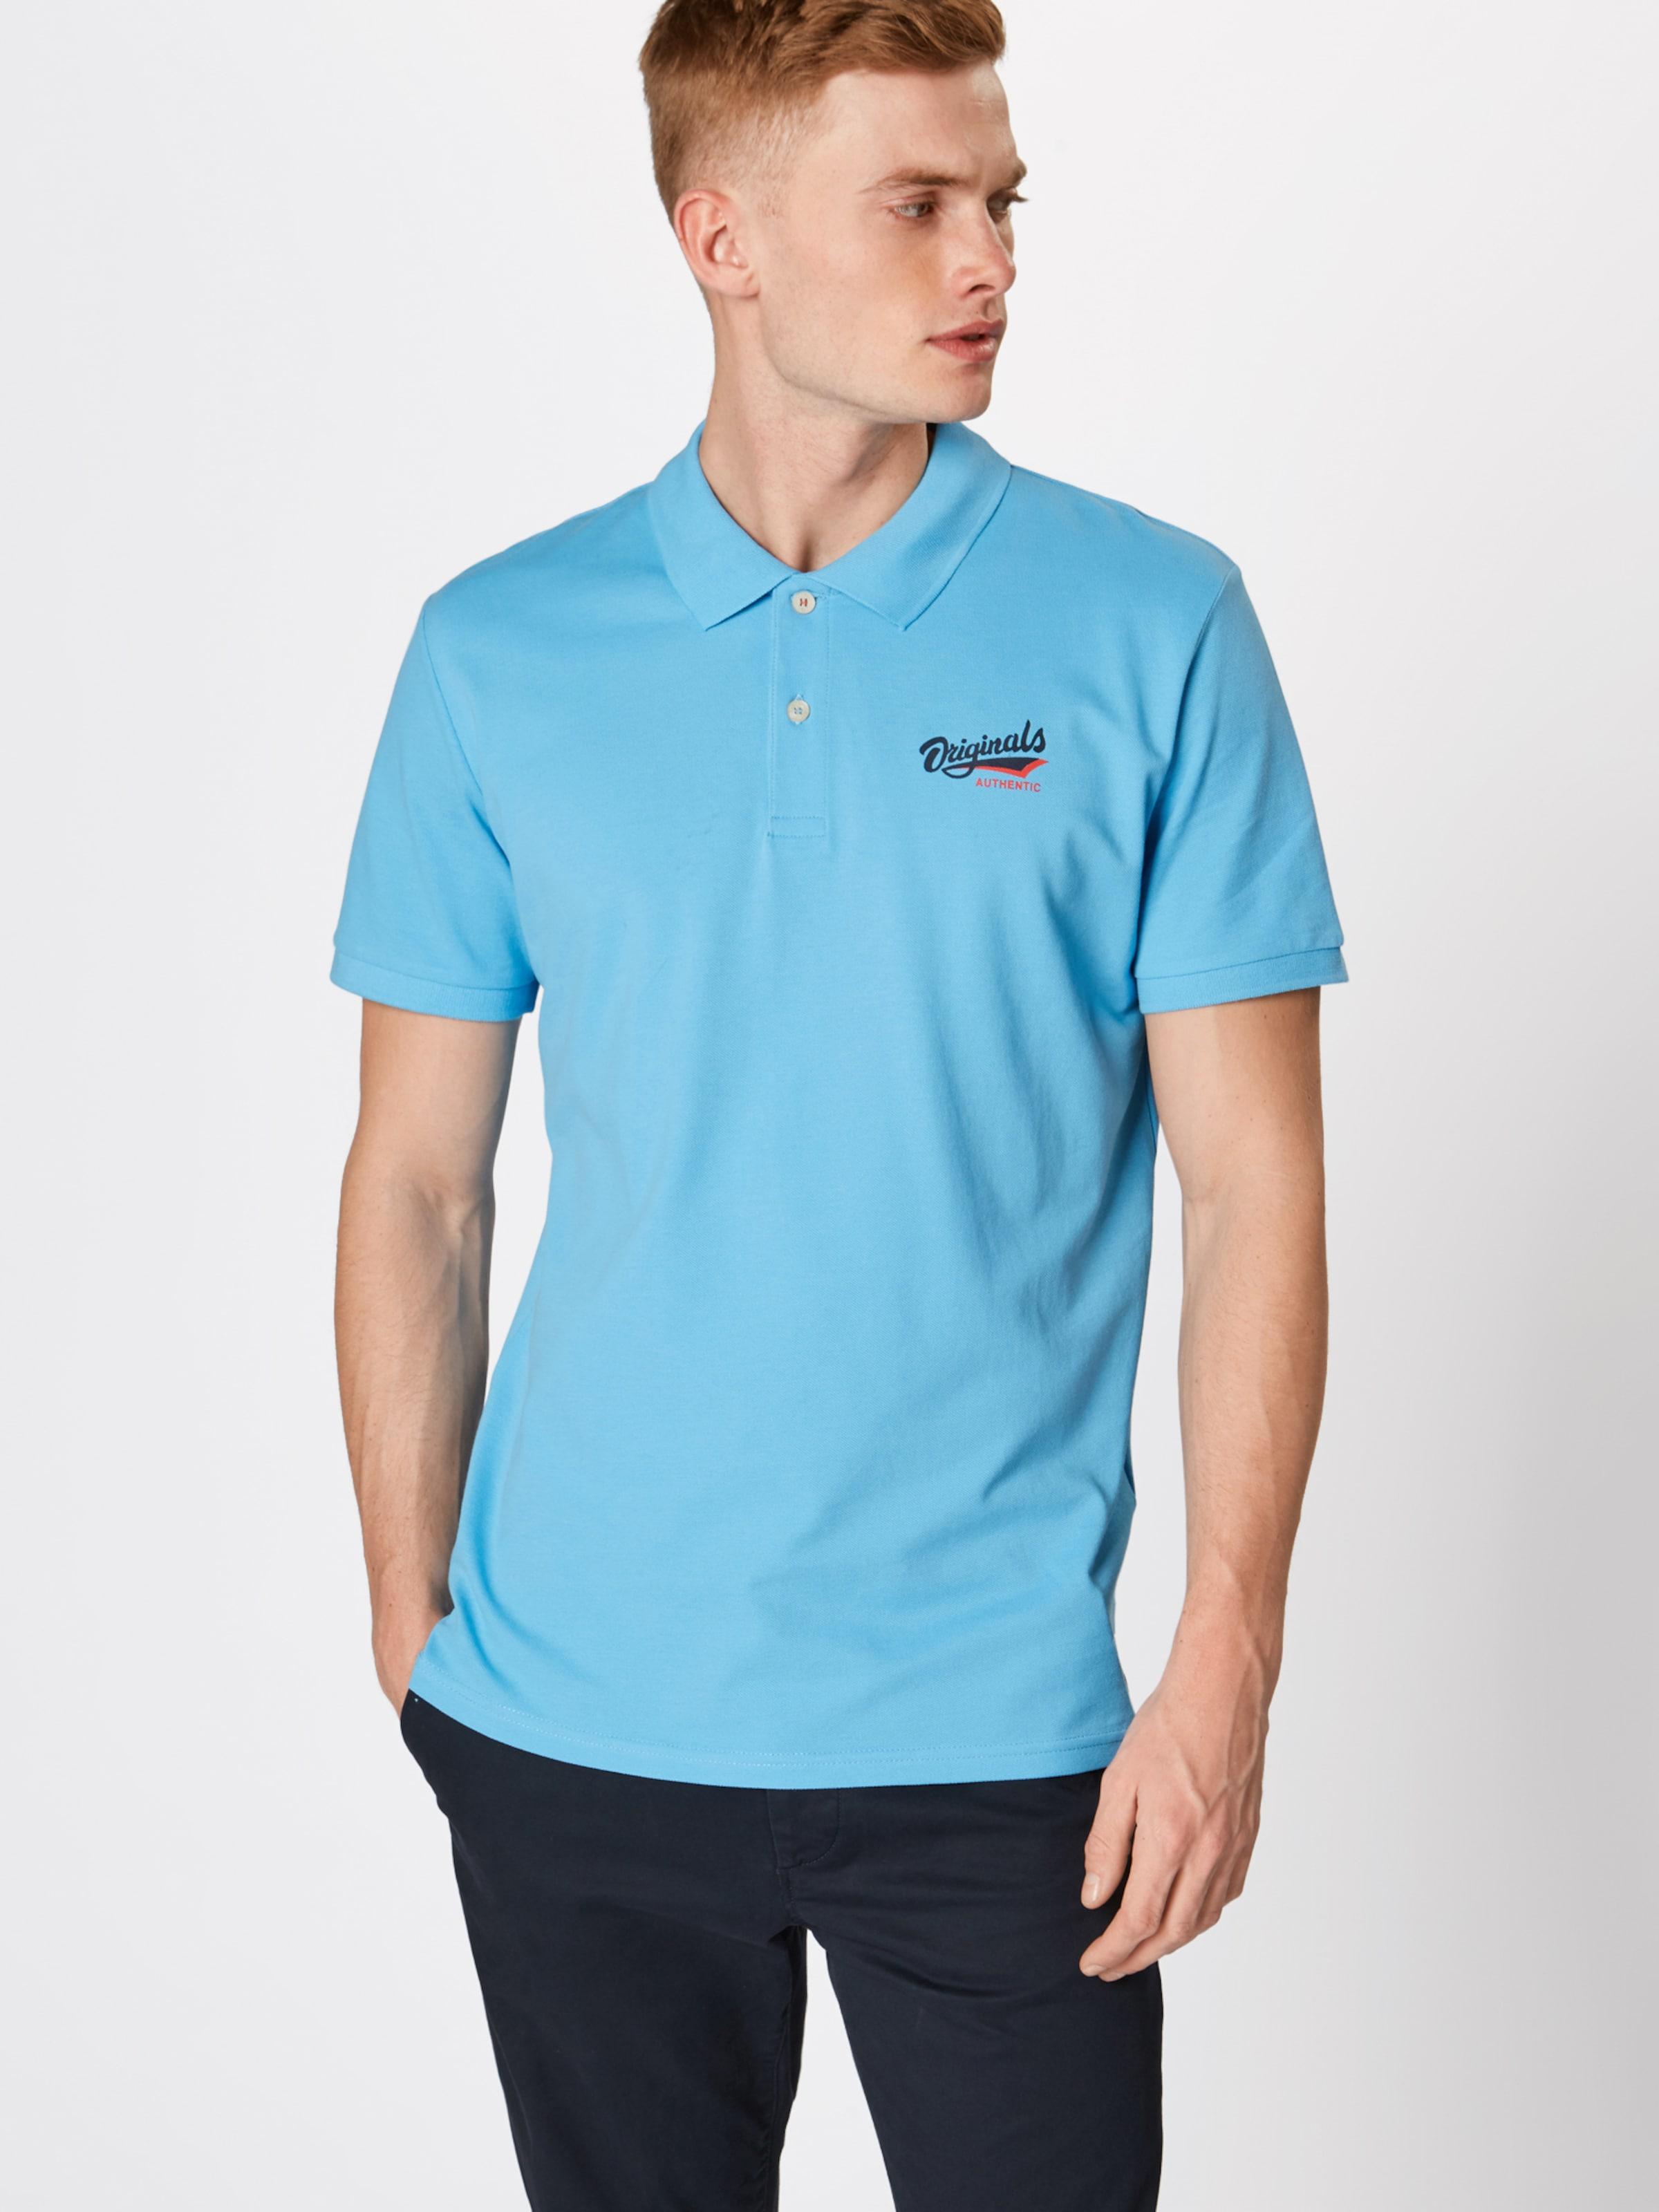 Jackamp; Shirt Polo Blau 'jorsummertime Jones Ss' In Ac3RjLq54